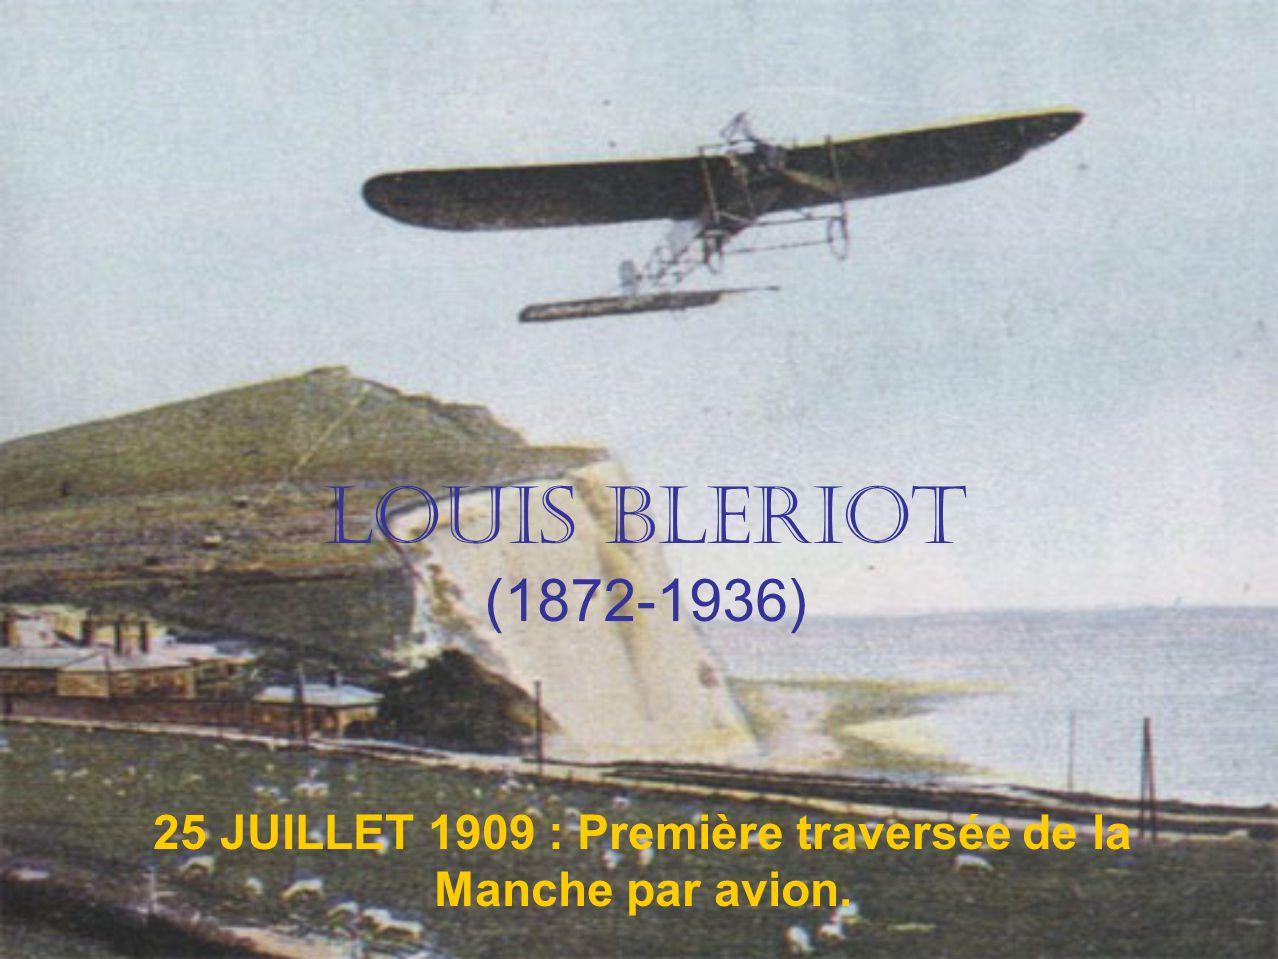 25 JUILLET 1909 : Première traversée de la Manche par avion.